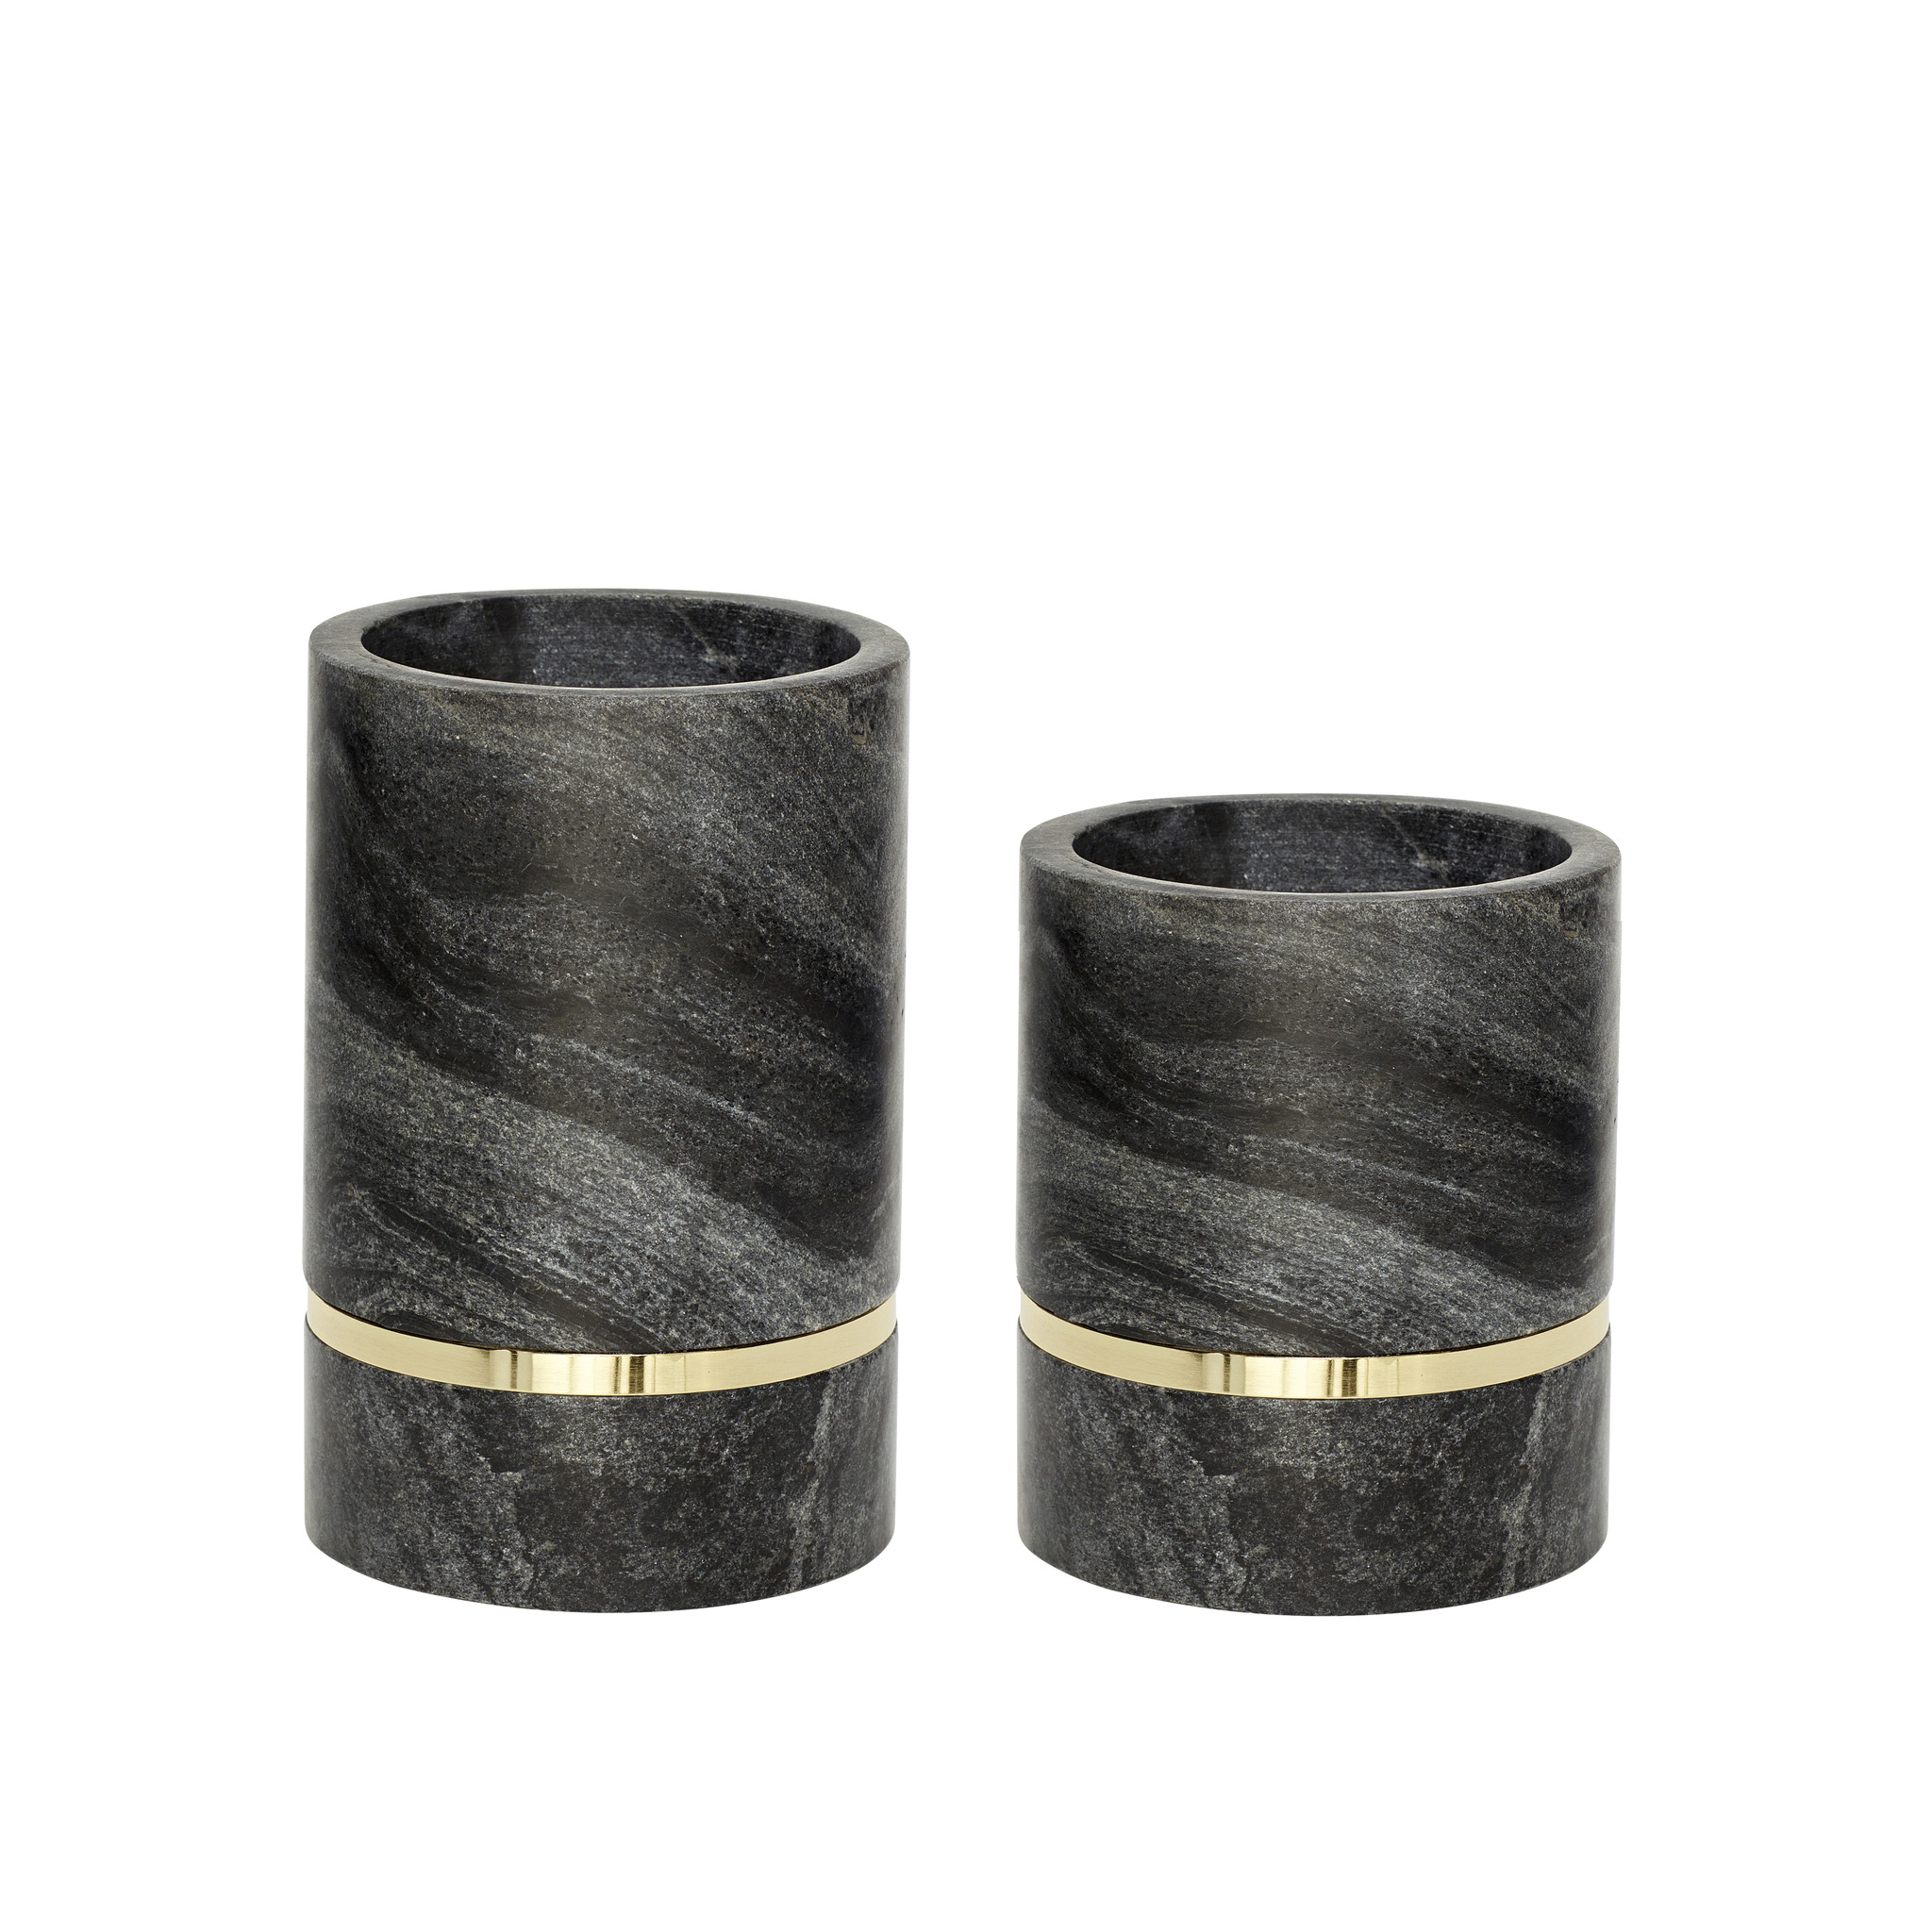 Hubsch Vaas, marmer, zwart / messing, set van 2-510515-5712772062388